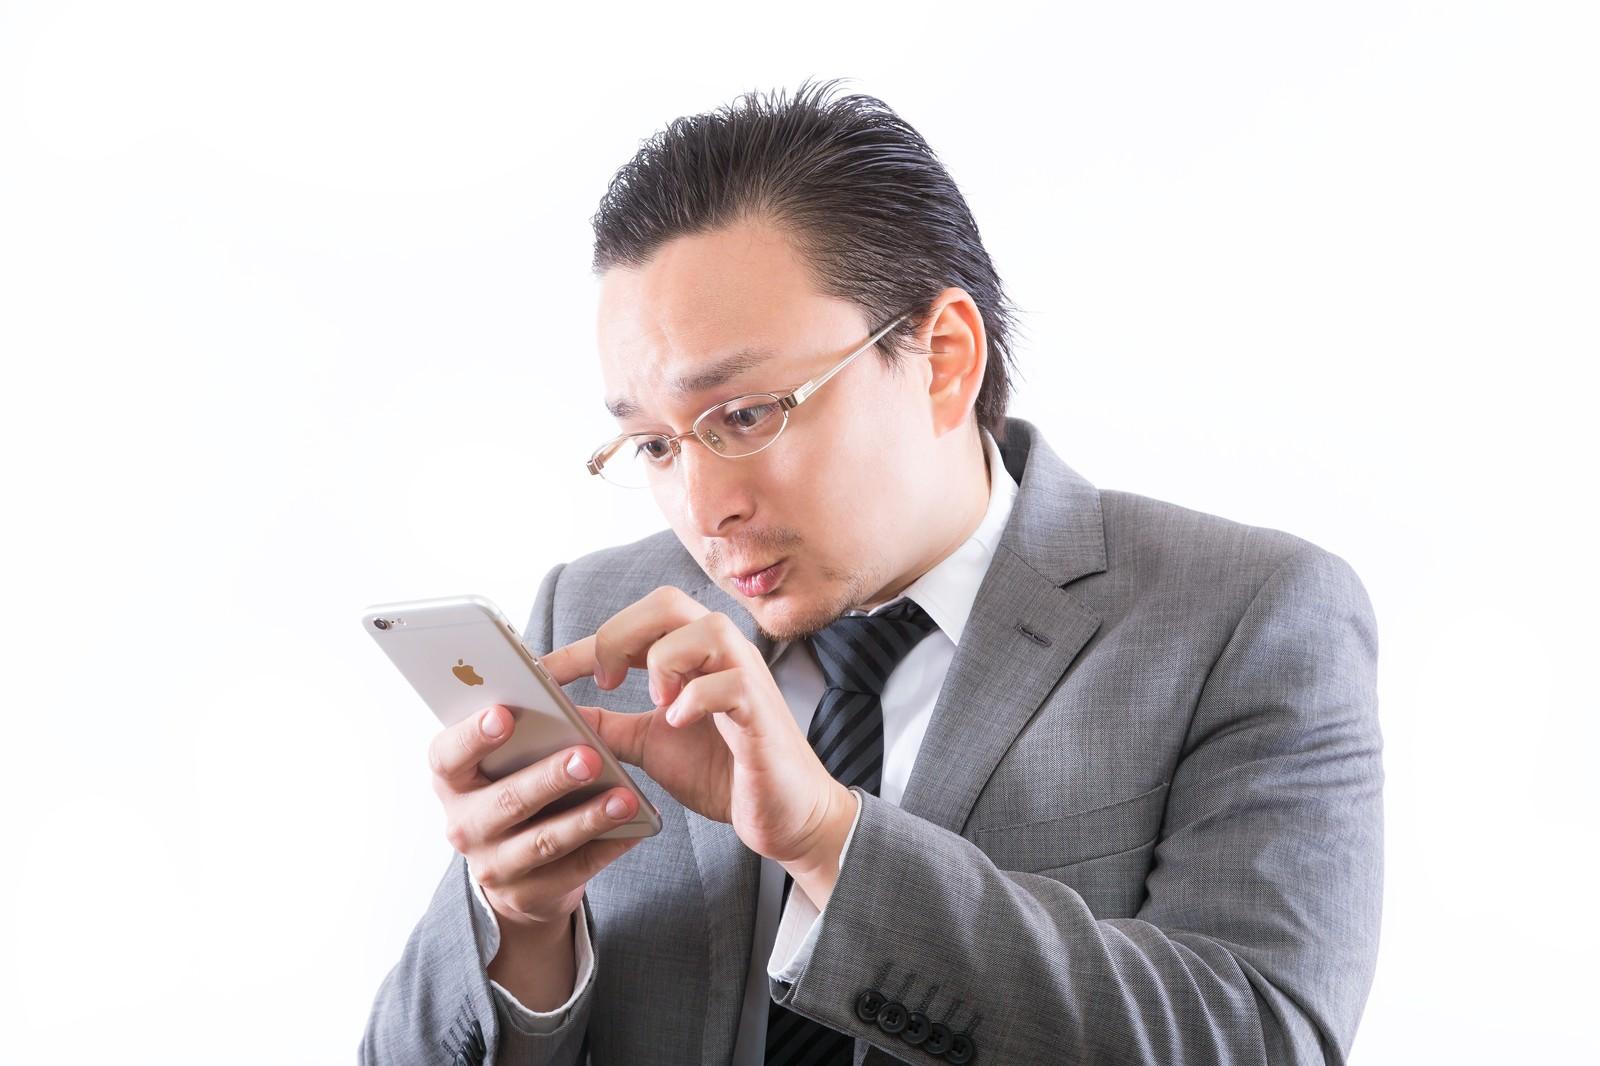 別れさせ屋に浮気調査を依頼する前に、パートナーの携帯電話の使い方に注目しよう